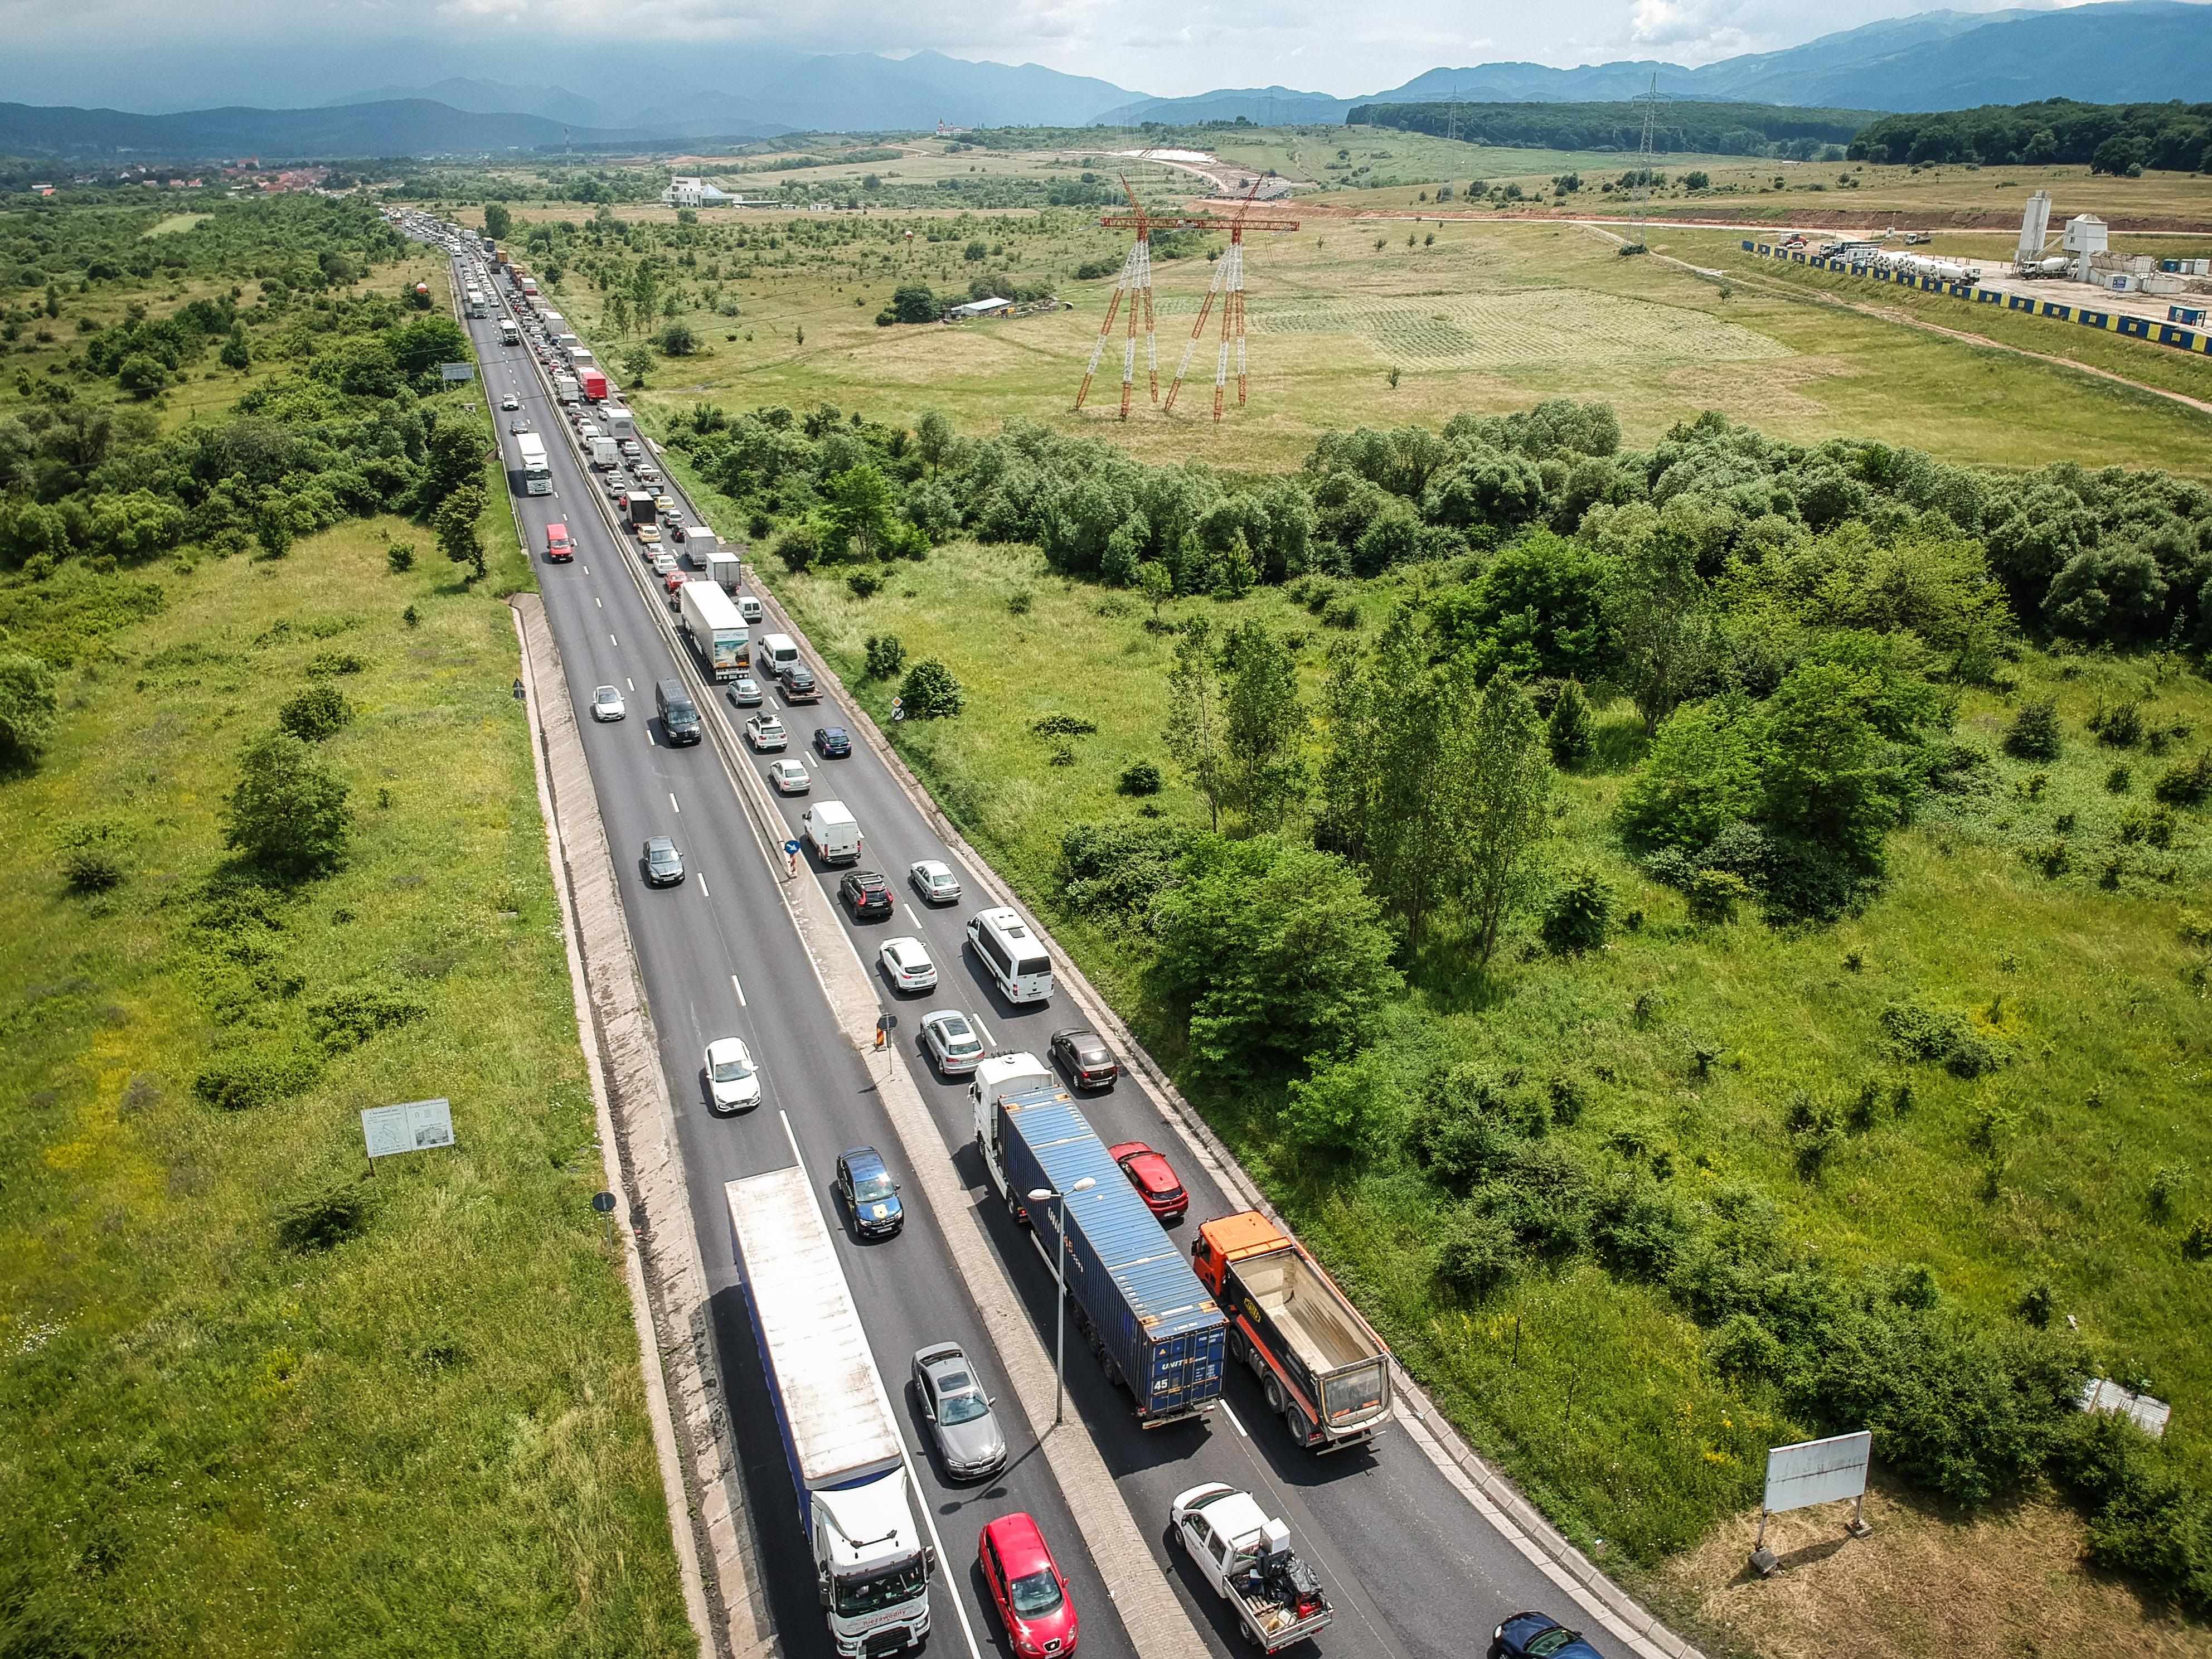 Reportaj FOTO VIDEO – Protestul șoferilor: TIR-urile au blocat o bandă de la ieșirea de pe autostradă până la Veștem